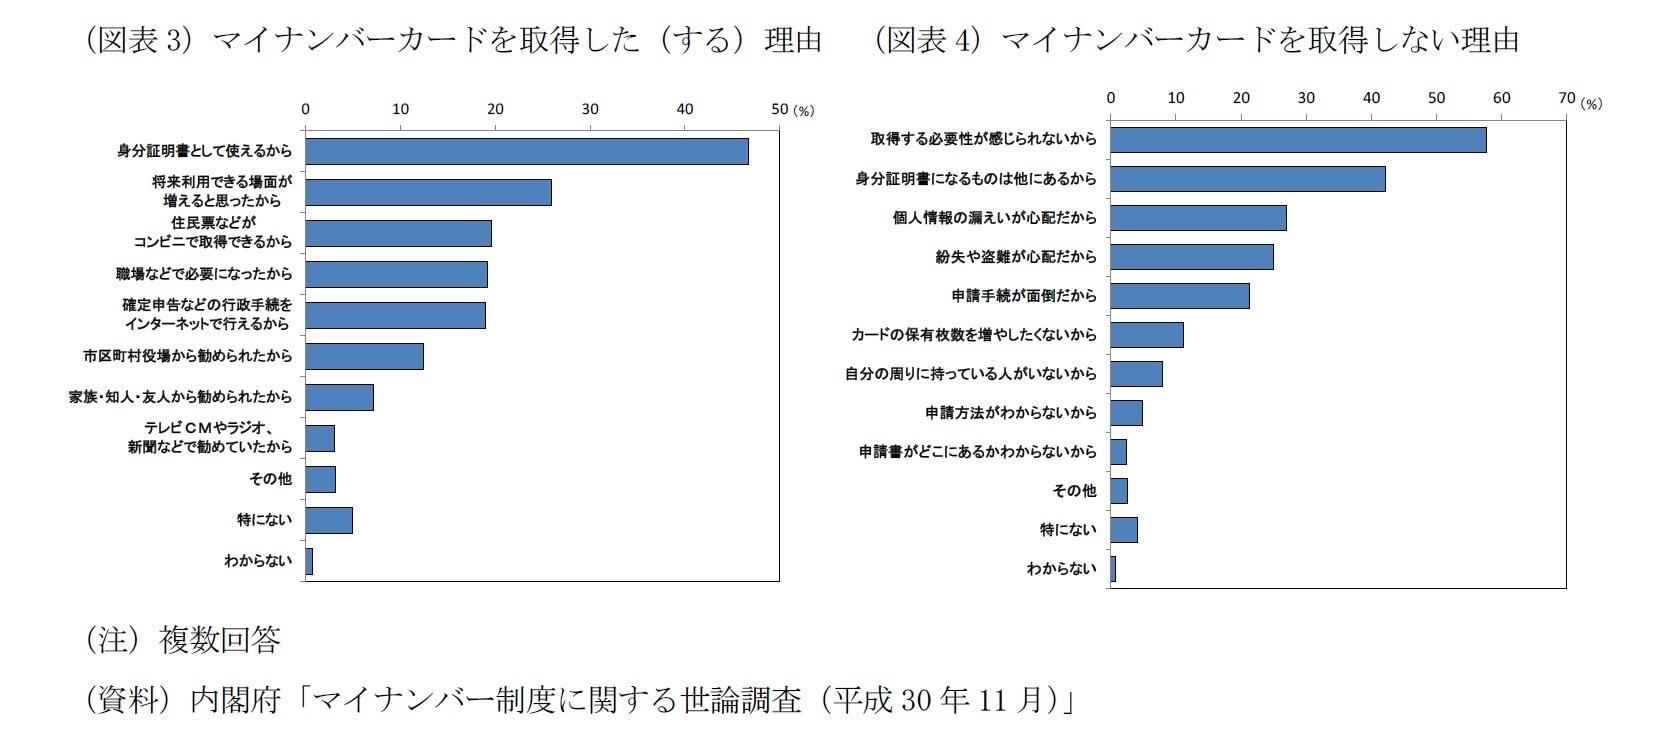 (図表3)マイナンバーカードを取得した(する)理由/(図表4)マイナンバーカードを取得しない理由